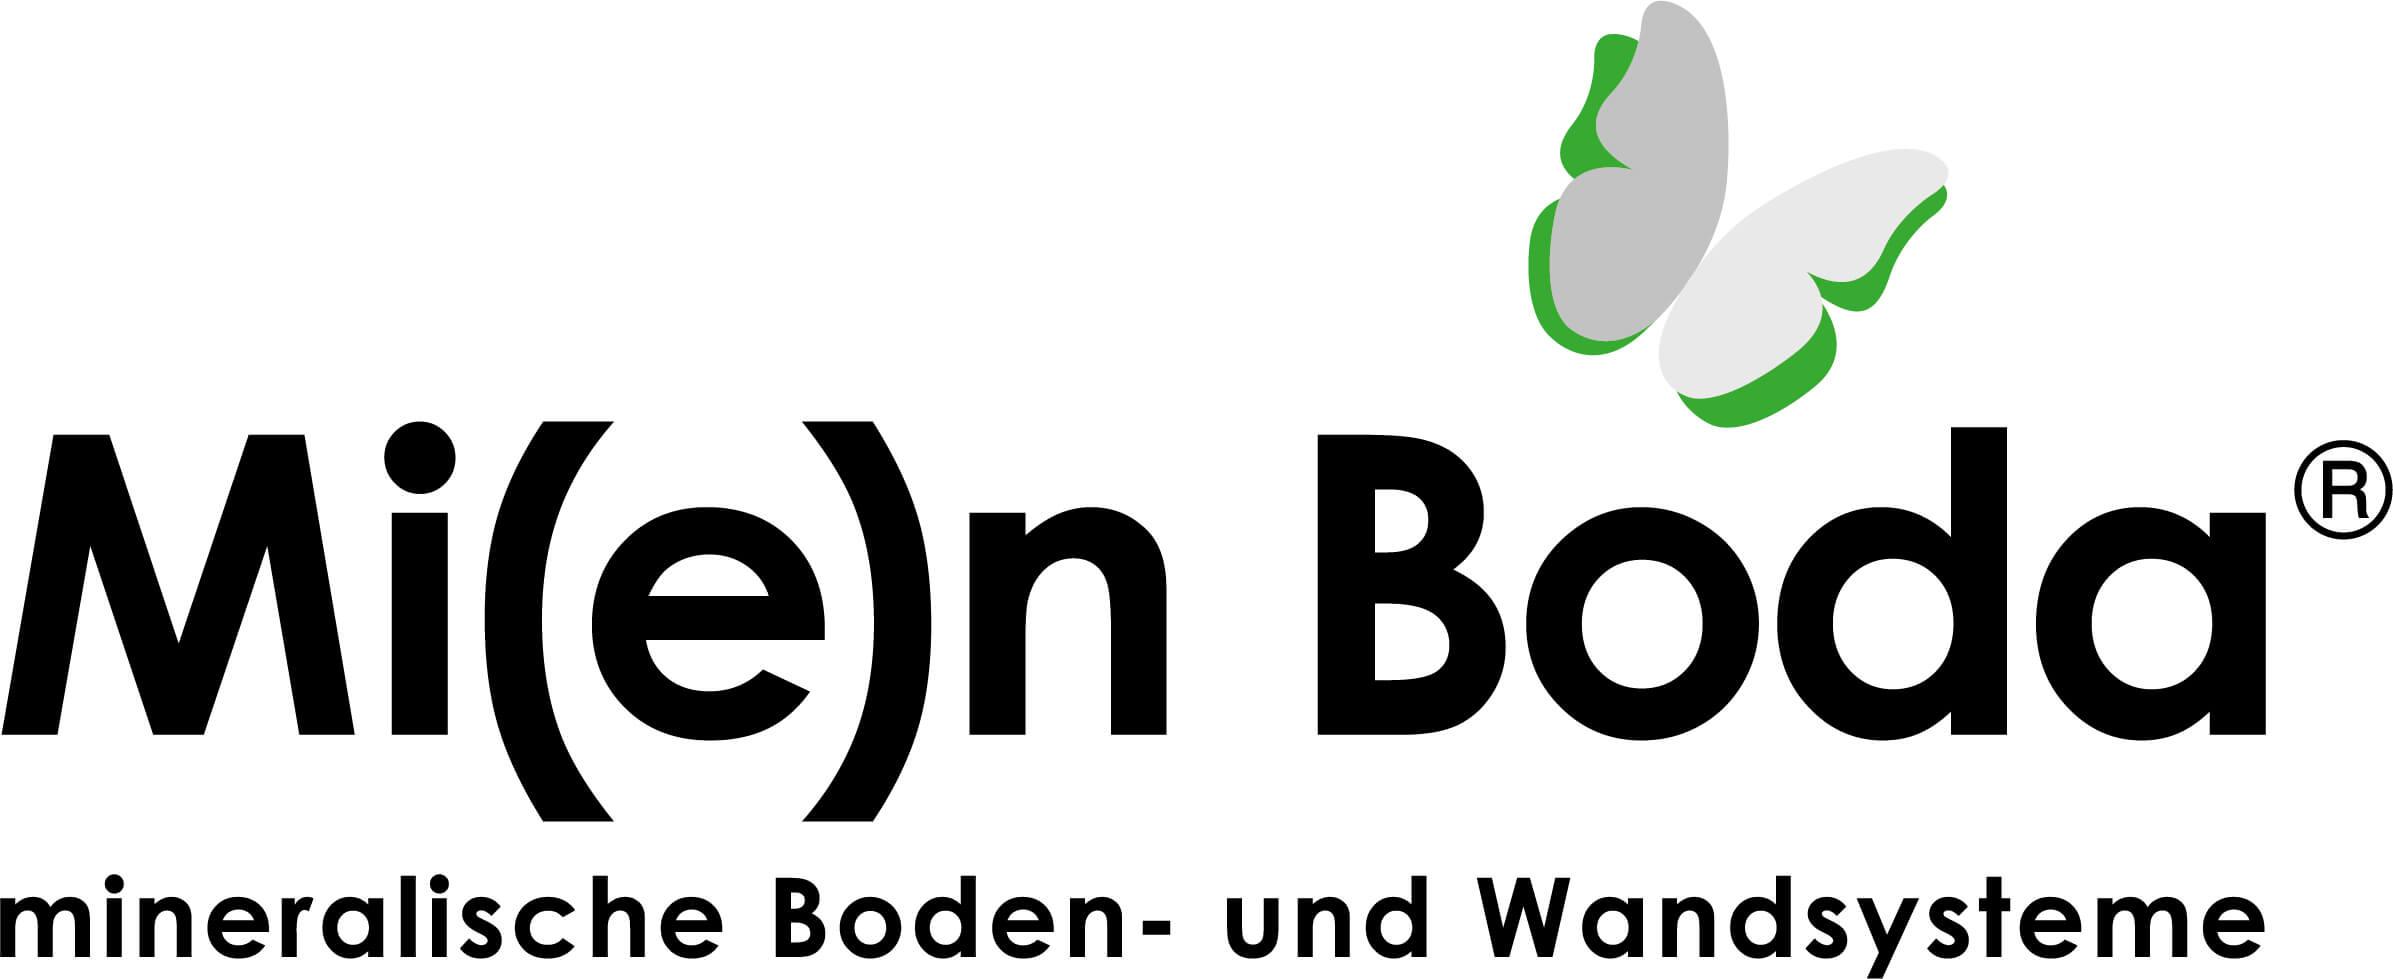 Küng Bodenbau GmbH, Thüringen, Vorarlberg, Tirol, Mi(e)n Boda Marke